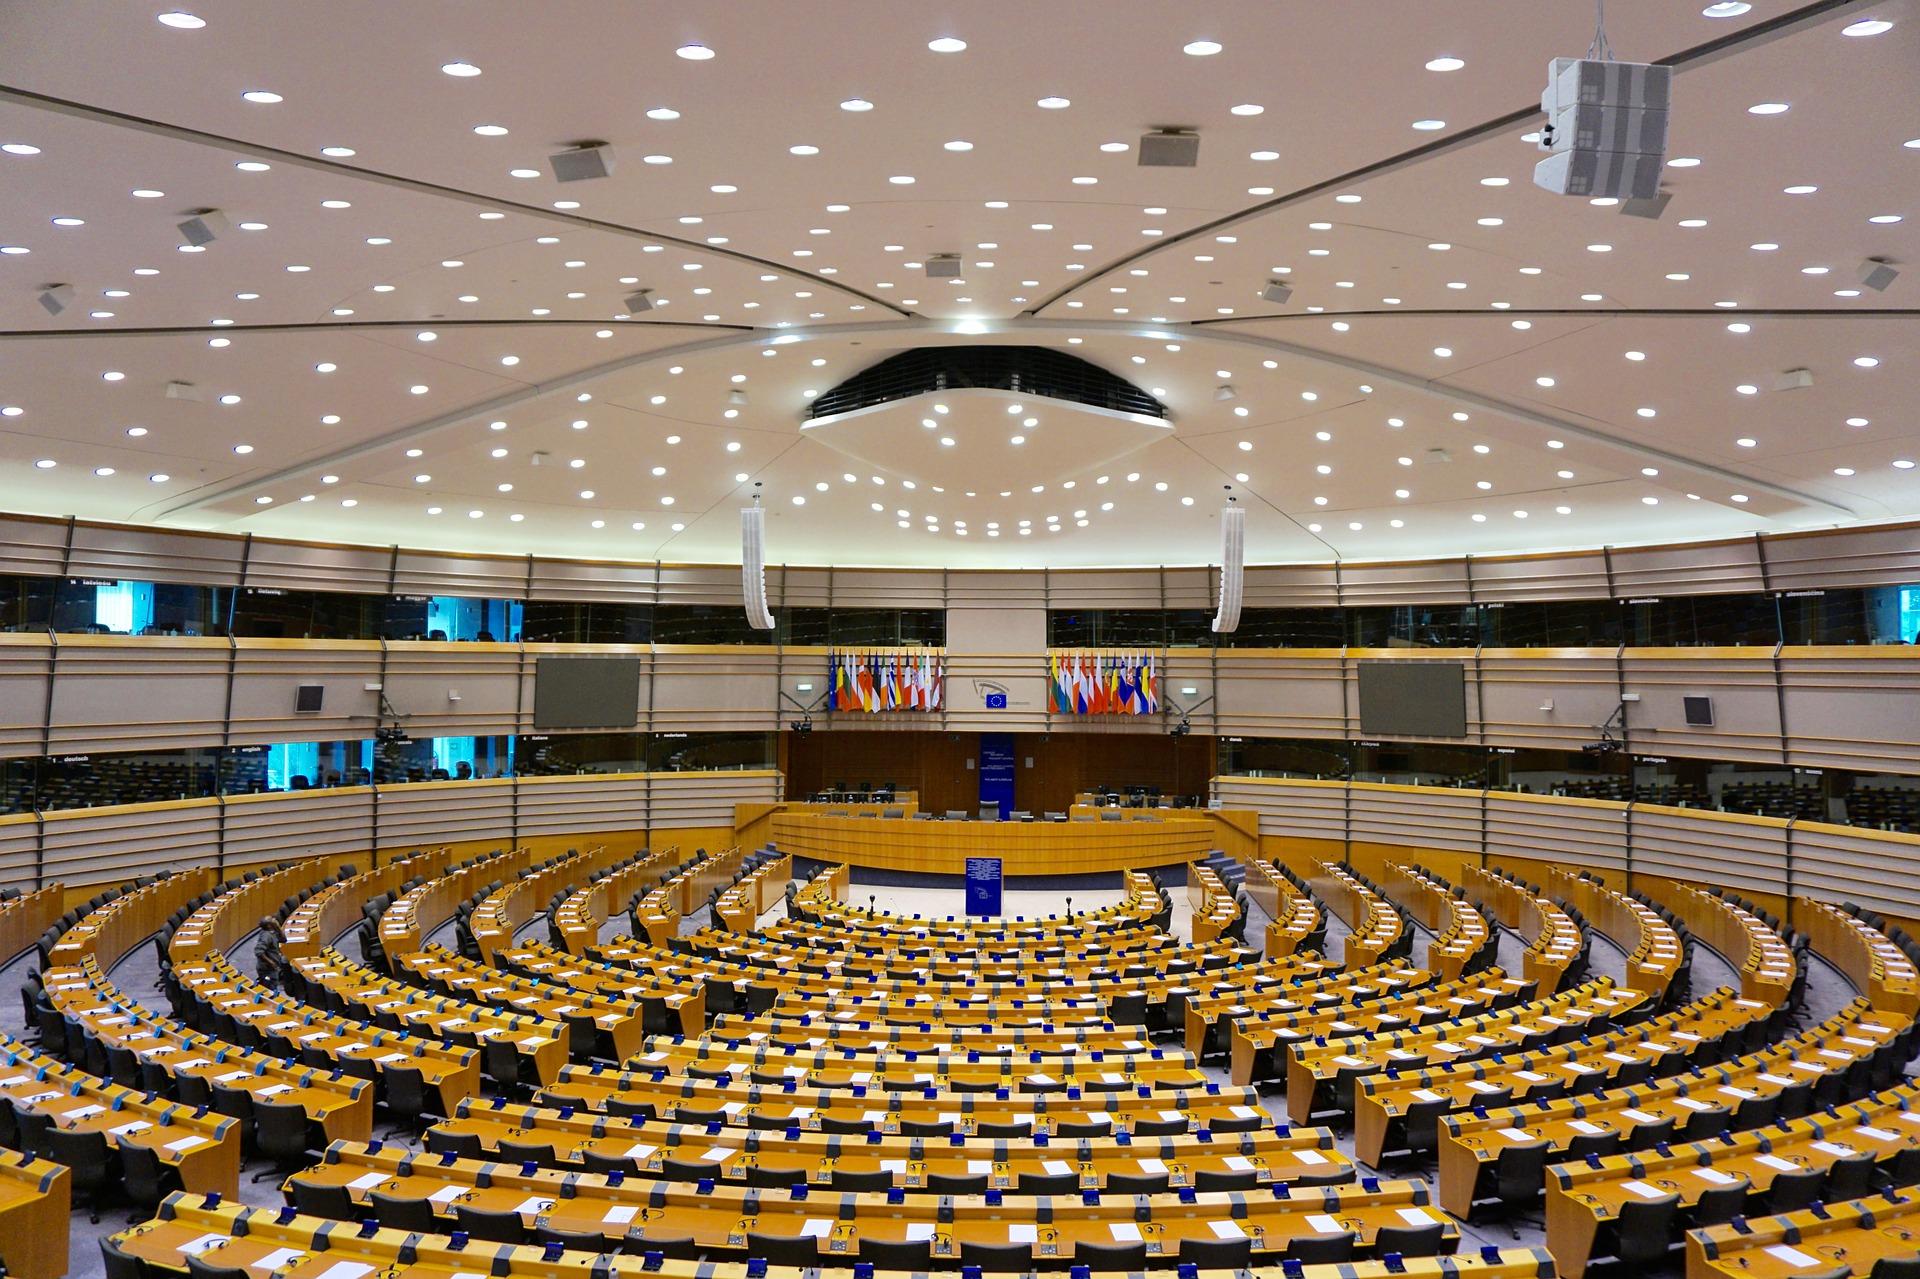 Bericht – Bildungspolitische Reise Brüssel (NIP)